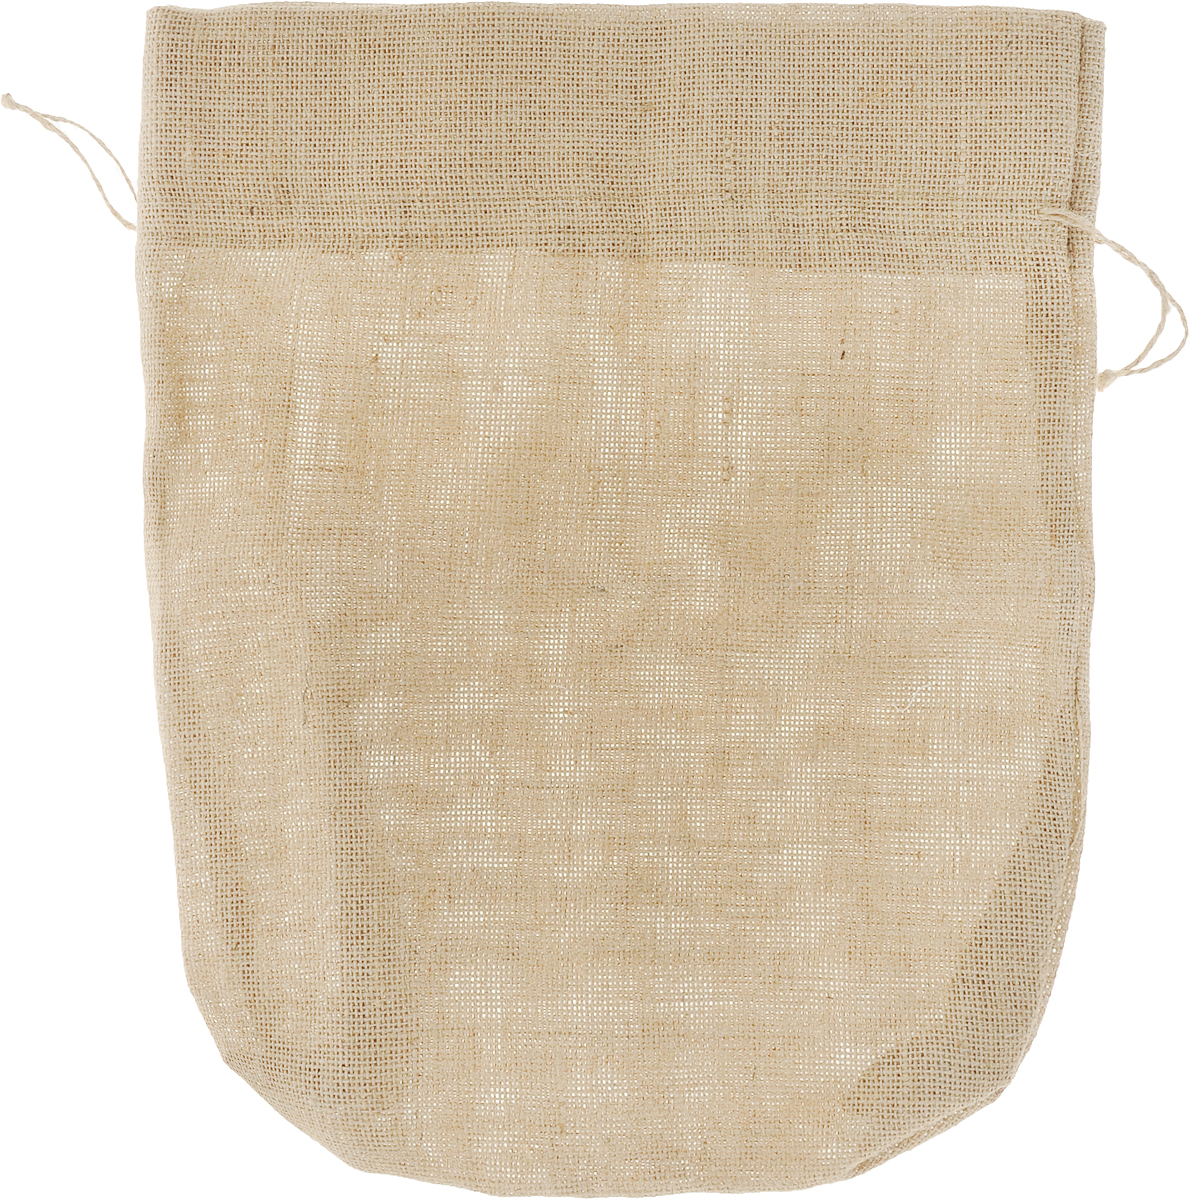 Мешок для подарков Подарок, 5 л18Мешок для подарков выполнен из натурального джутового волокна в классическом стиле. Оригинальная и нестандартная упаковка выделит ваш подарок . Мешок имеет одно отделение, закрывающееся стягивающимся шнуром из натуральной пеньки.Размер мешка: 39 х 33 х 8 см.